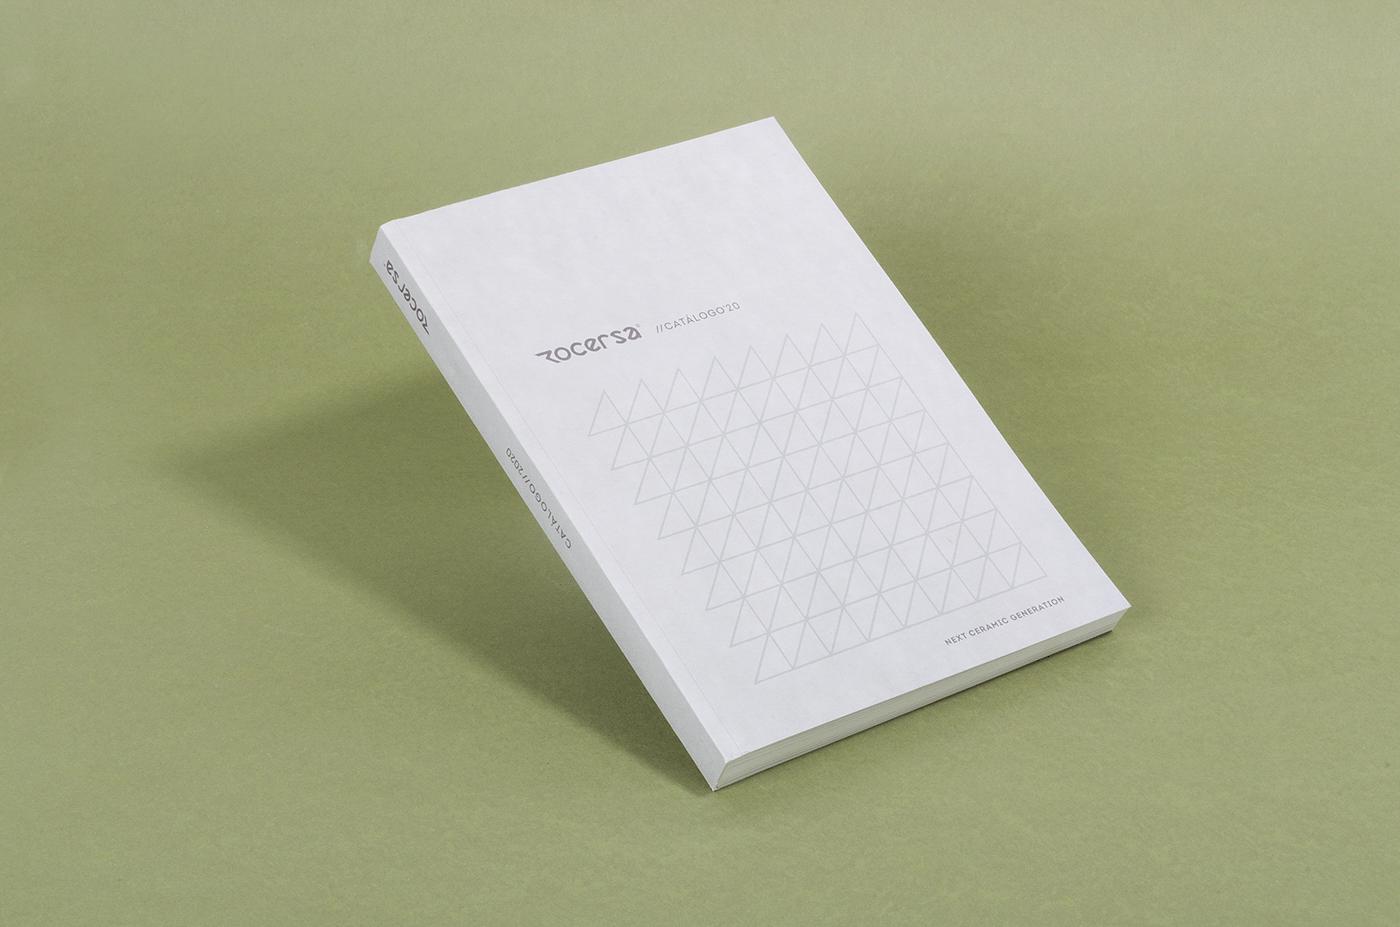 marenostrumgraficas-Rocersa - Catálogo General 2020-2